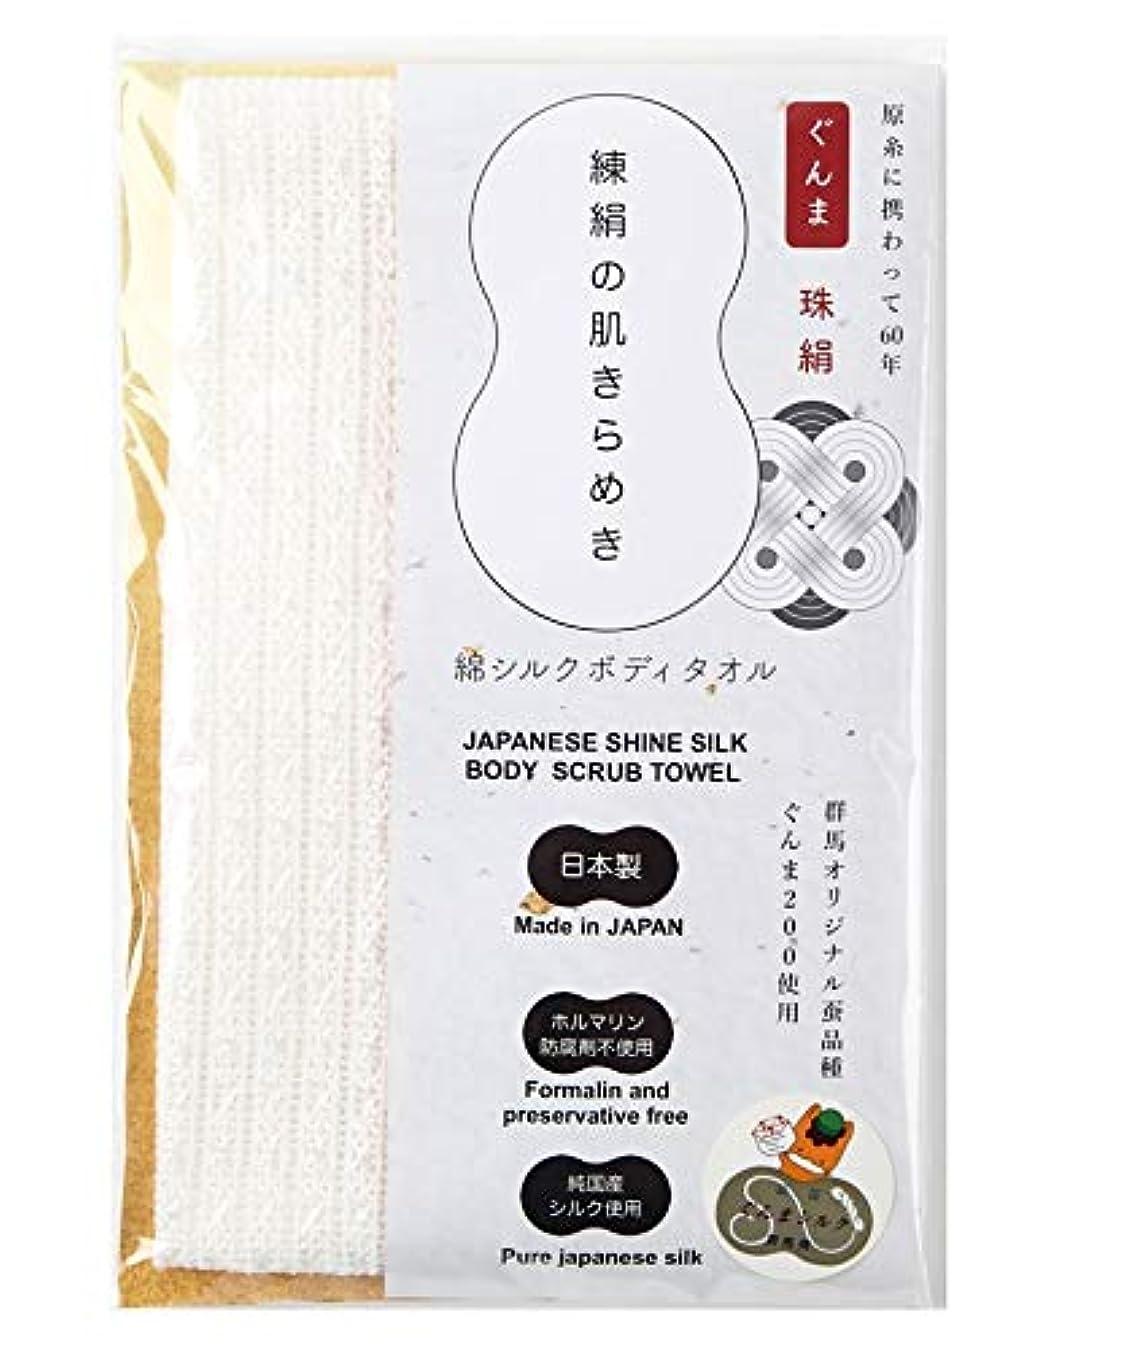 チケットリム許容くーる&ほっと 珠絹(たまぎぬ) 練絹の肌きらめき 純国産絹(ぐんまシルク)使用 日本製 綿シルクボディタオル